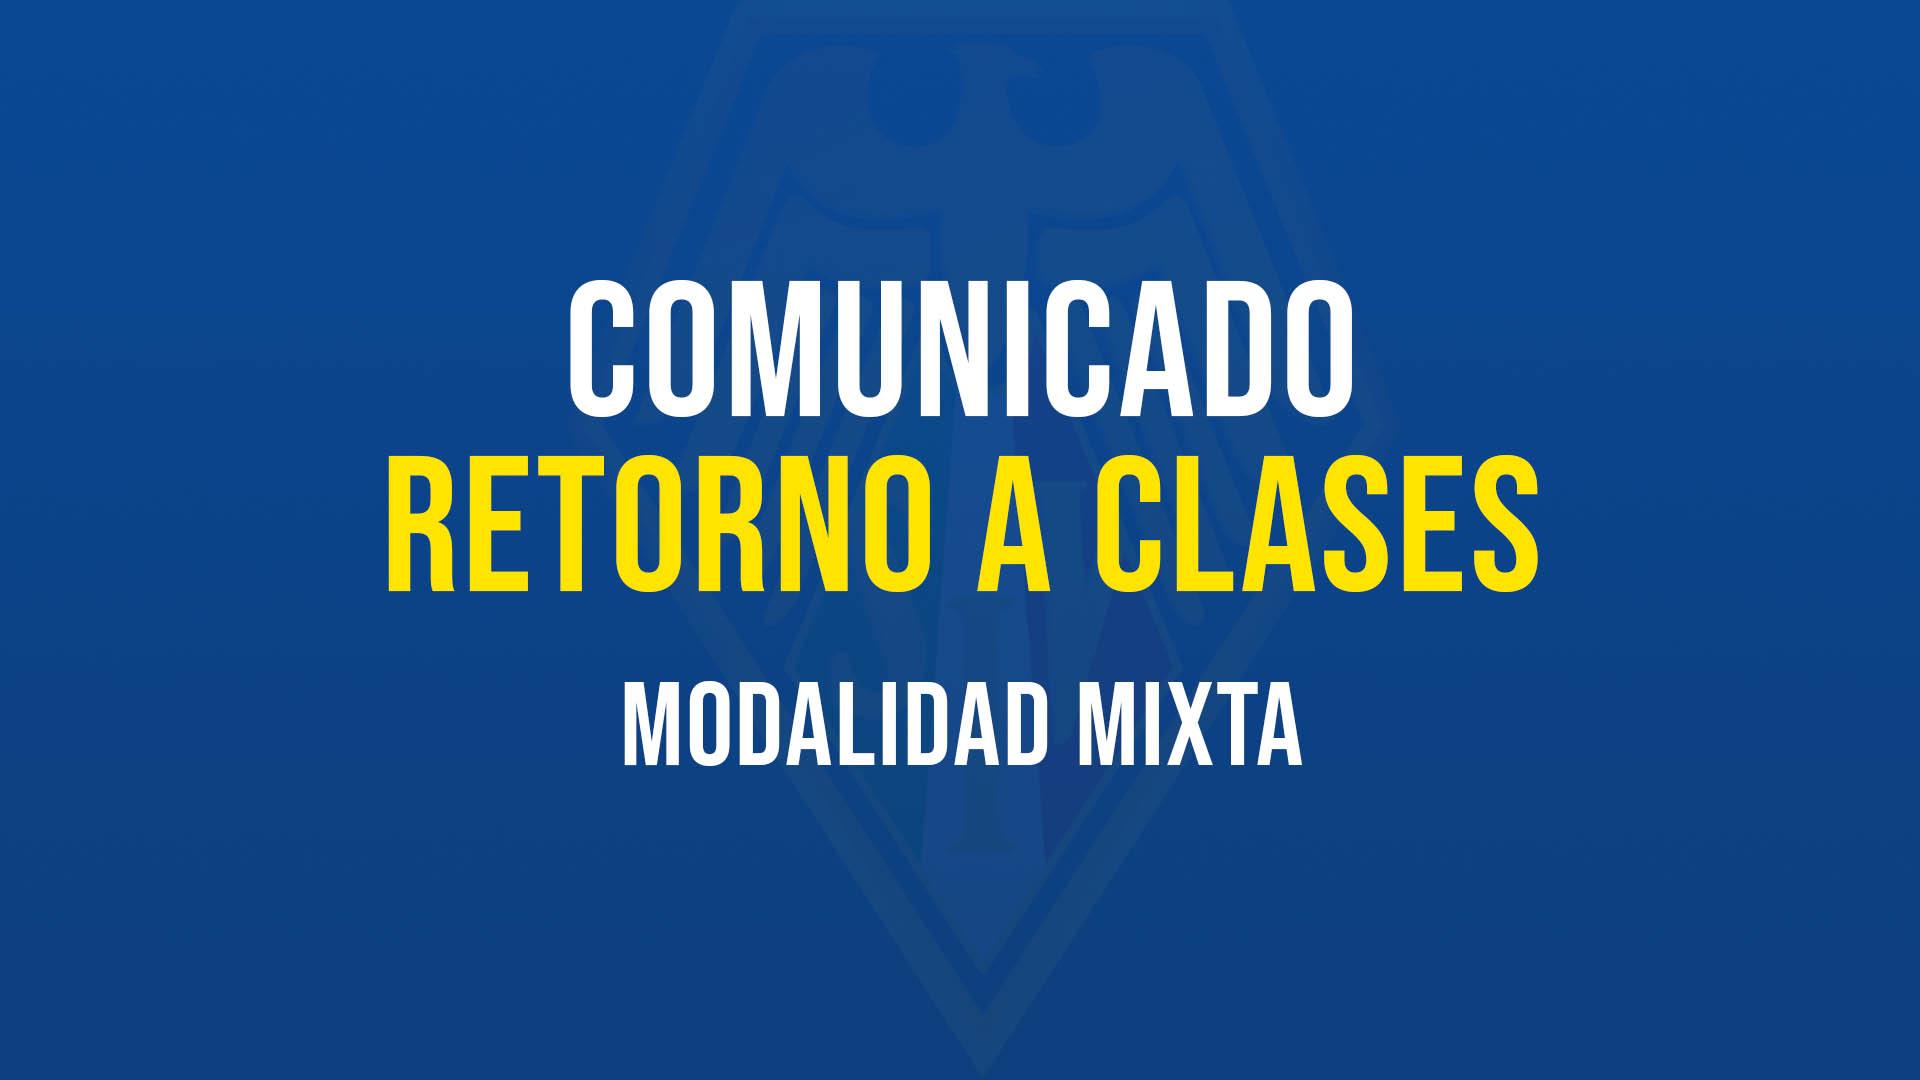 modalidad_mixta_mayo